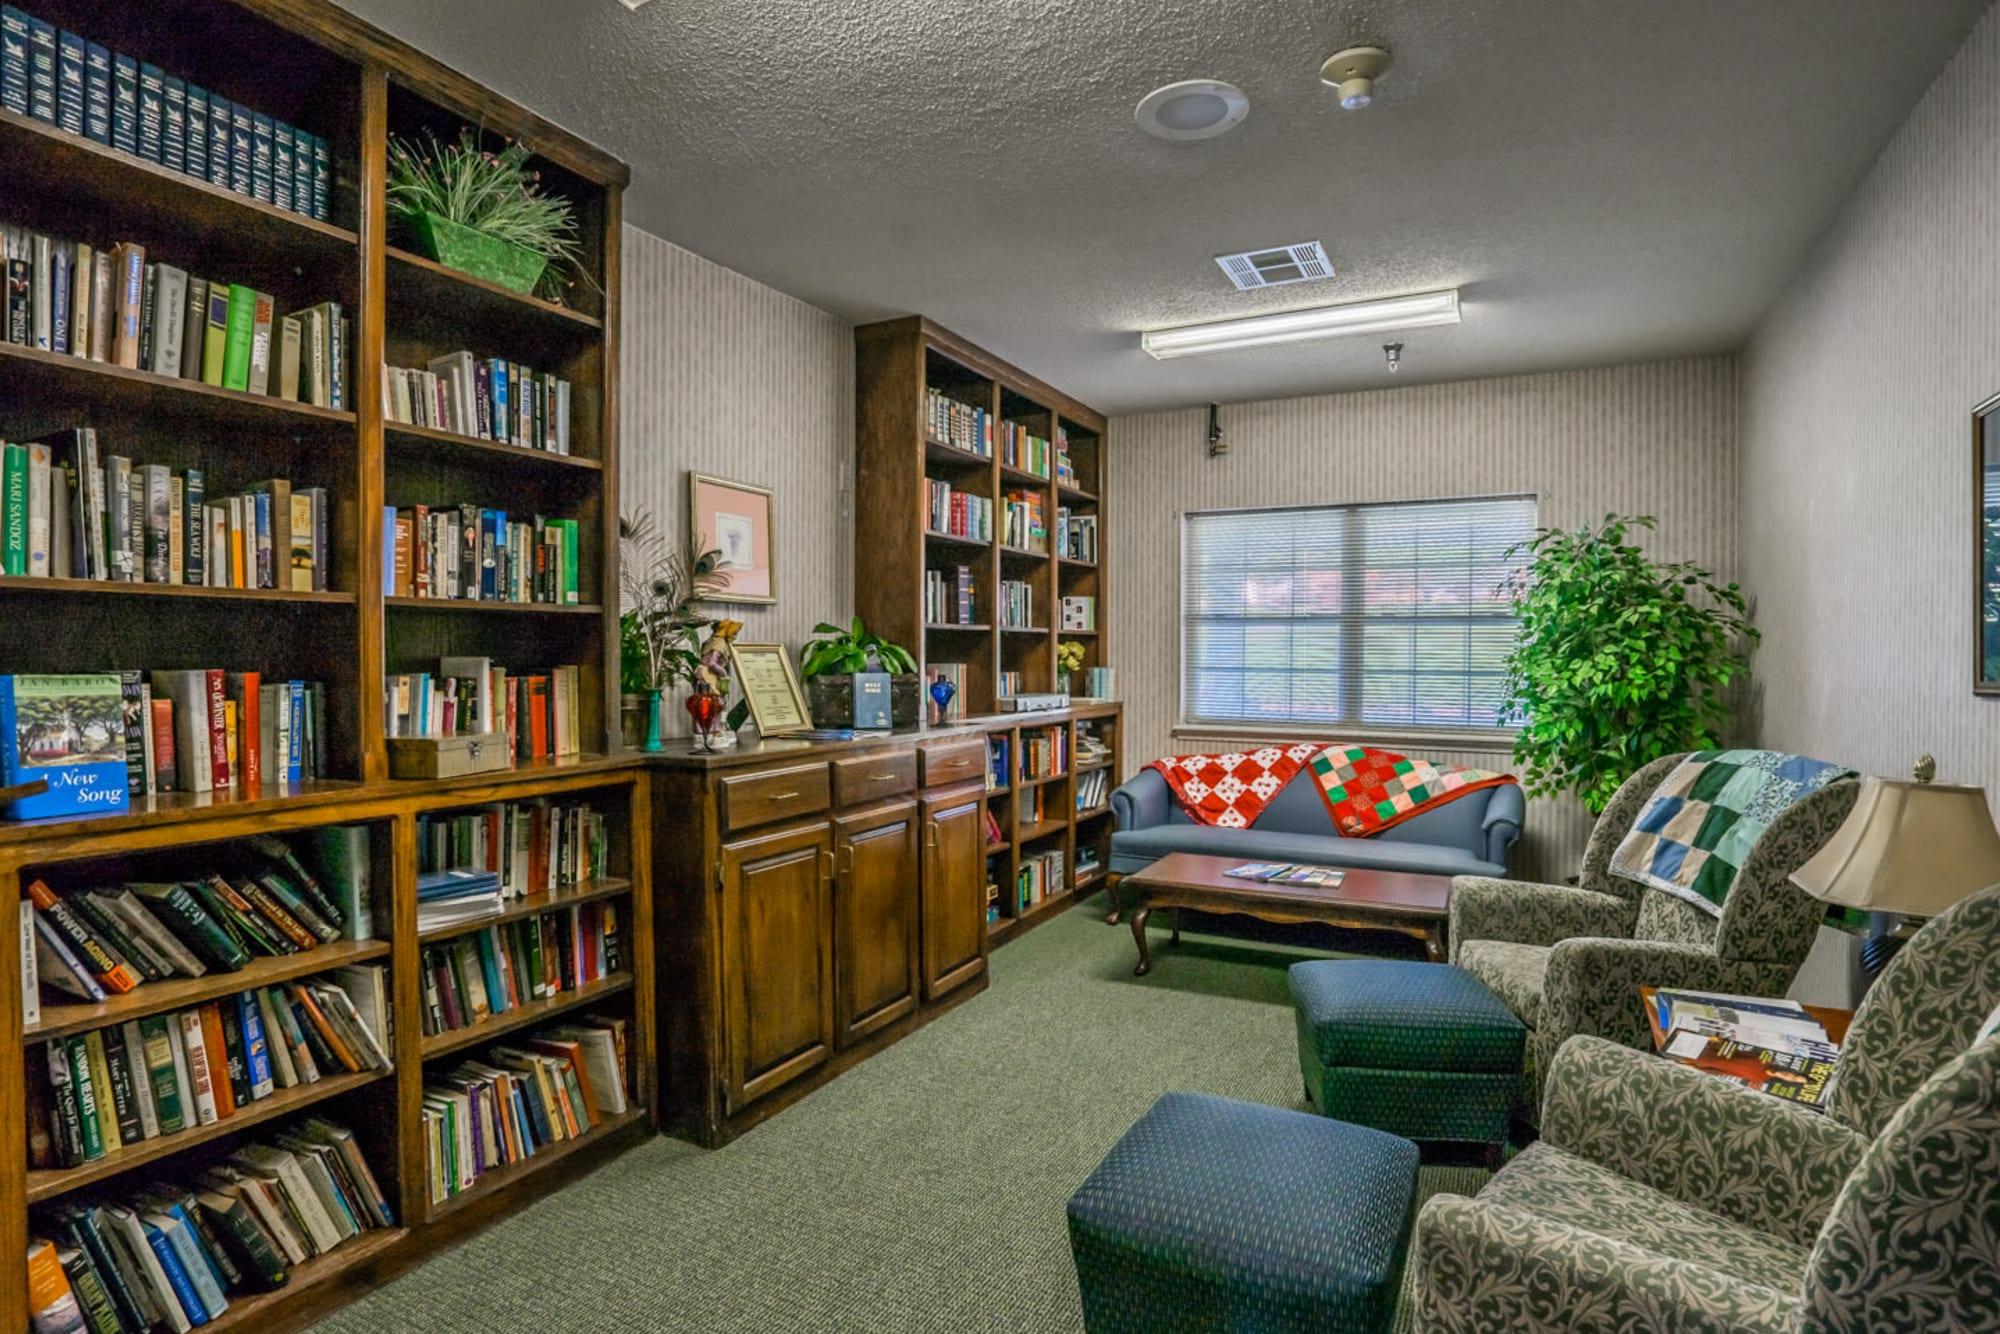 Library room with elegant wood bookshelves at Saunders House in Wahoo, Nebraska